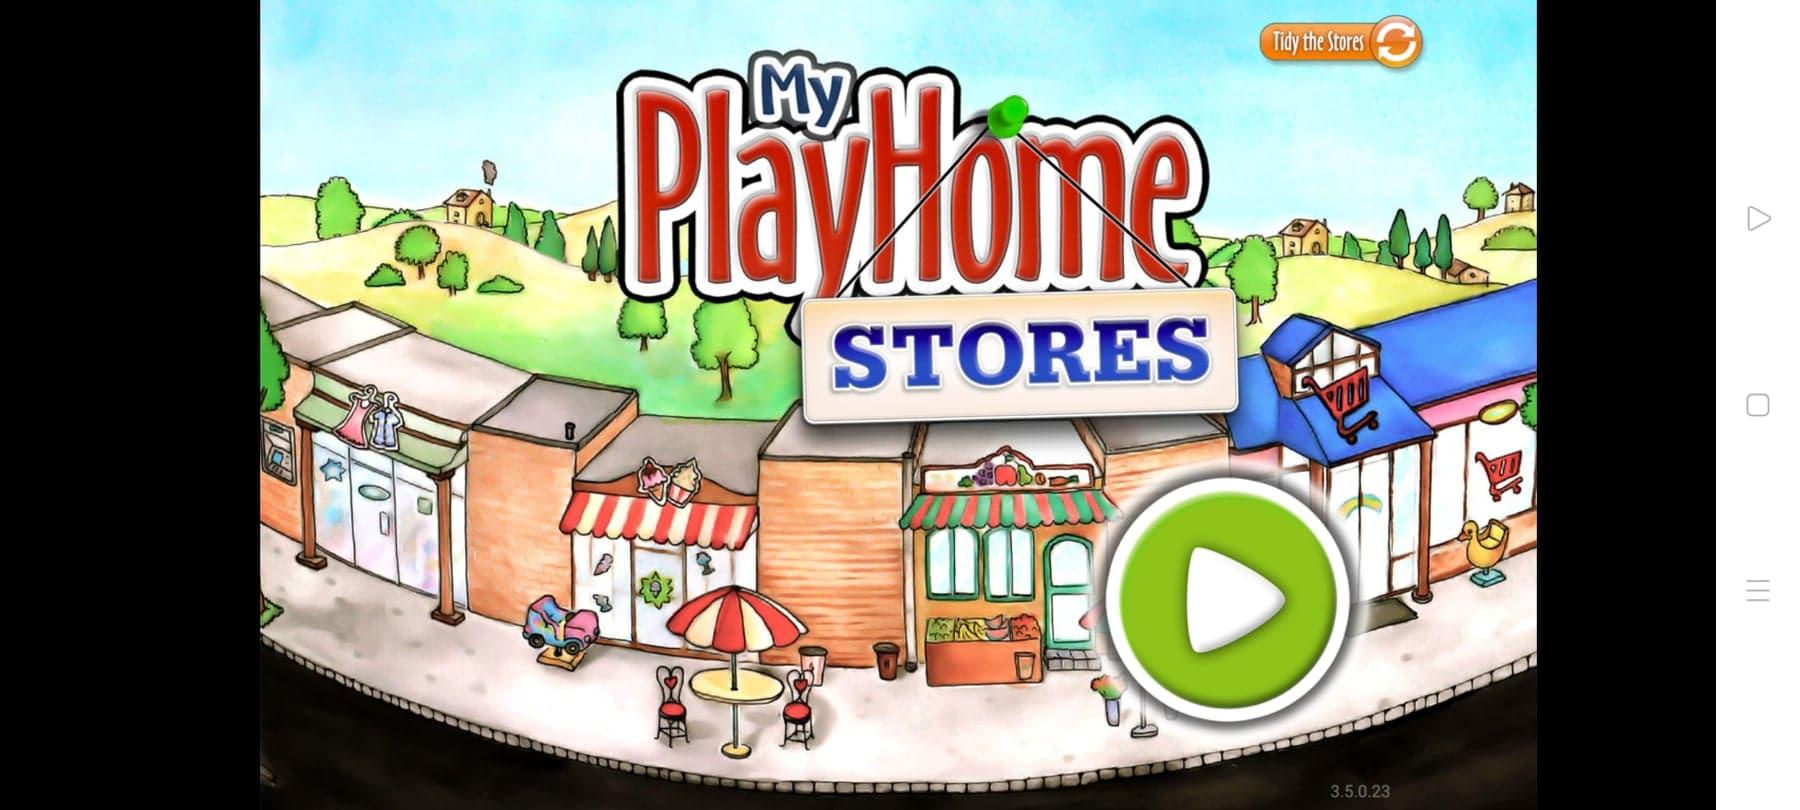 ماي بلاي هوم السوق تحميل ماي بلاي هوم السوق للاندرويد My Play Home Store